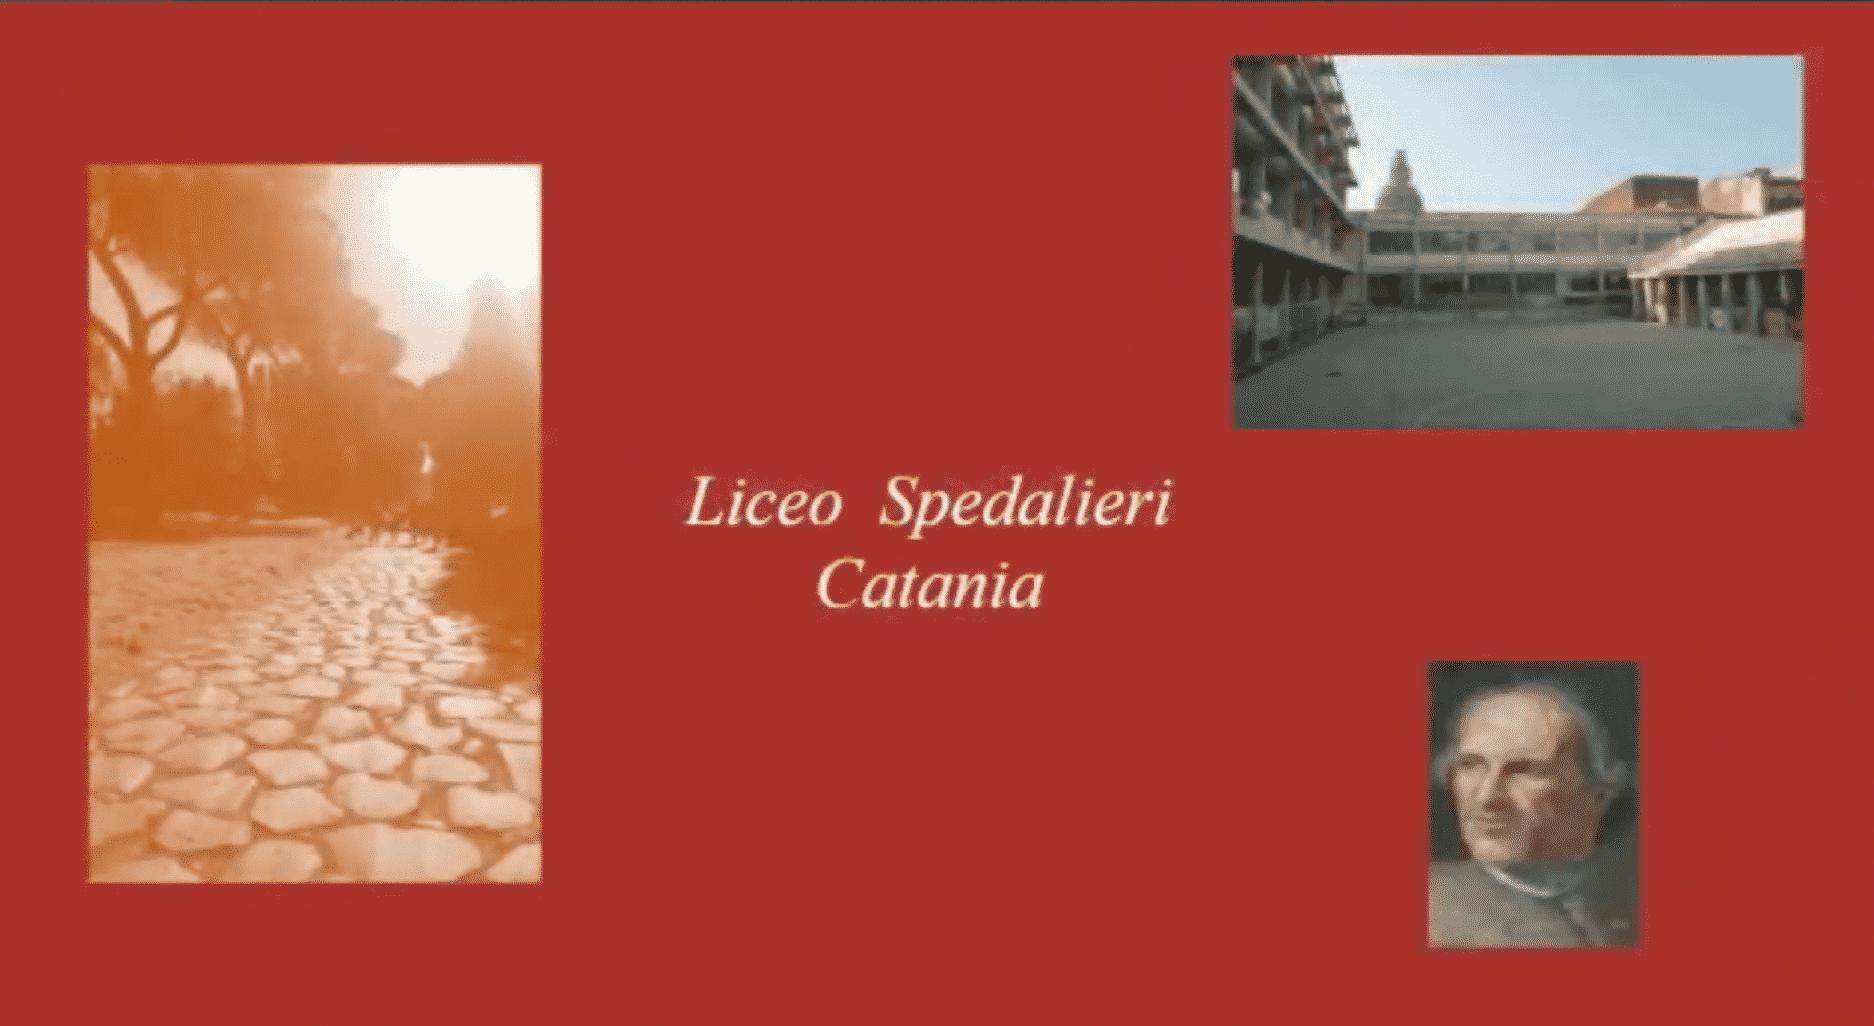 """""""Giornale"""" mondiale del Latino, prima edizione: studenti d'Italia al passo coi tempi, tra i protagonisti lo """"Spedalieri"""" di Catania"""